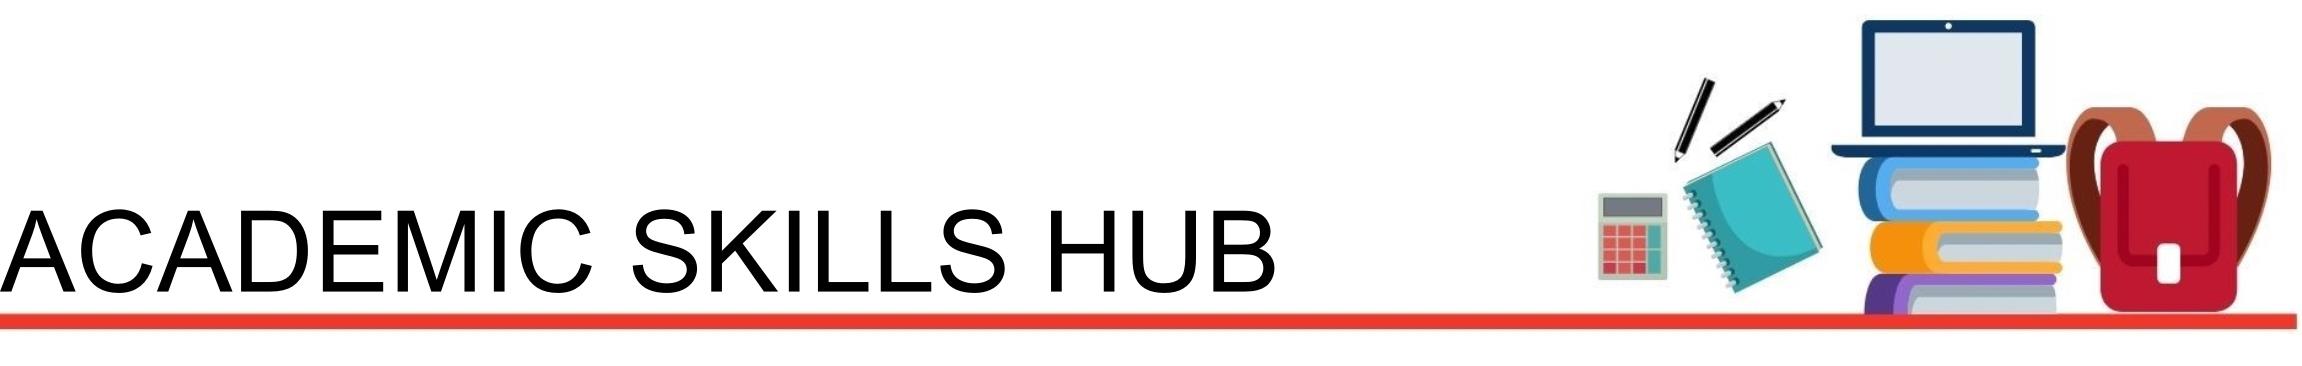 academic skills hub header image